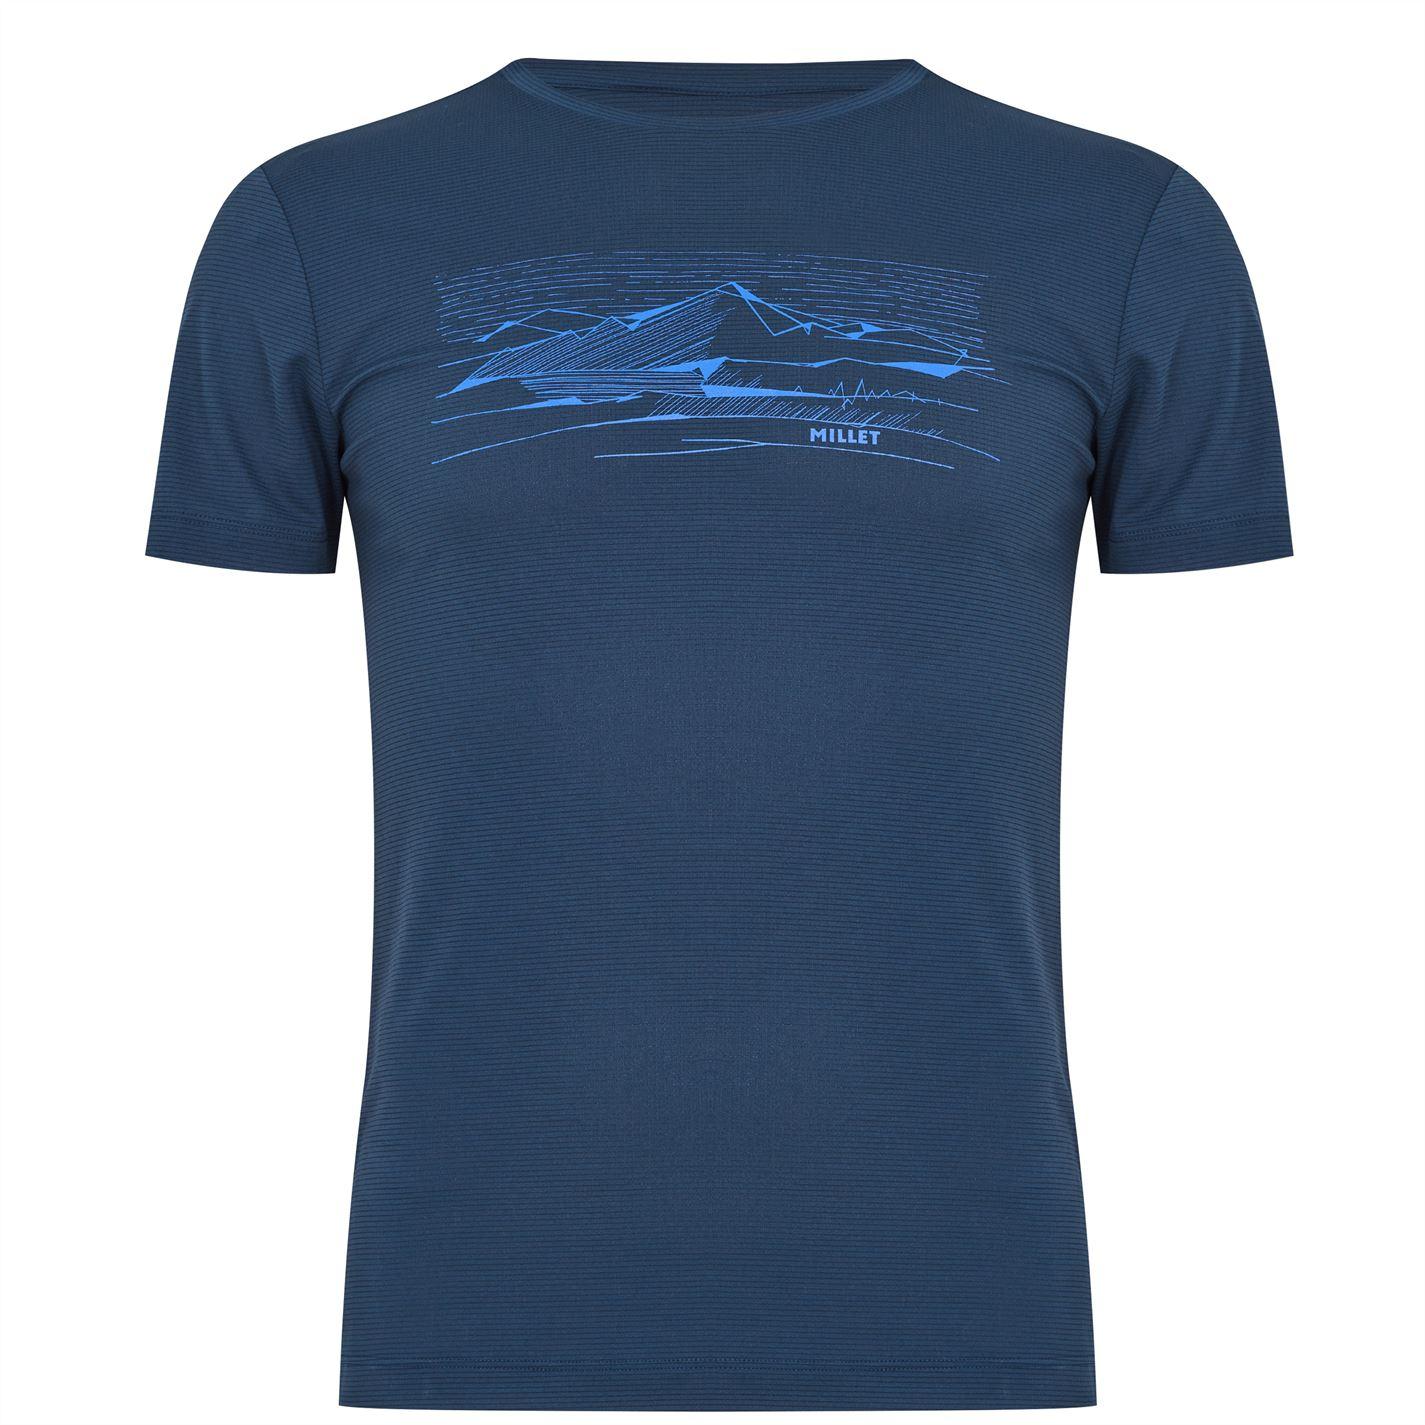 Tricou Millet Saguaro albastru